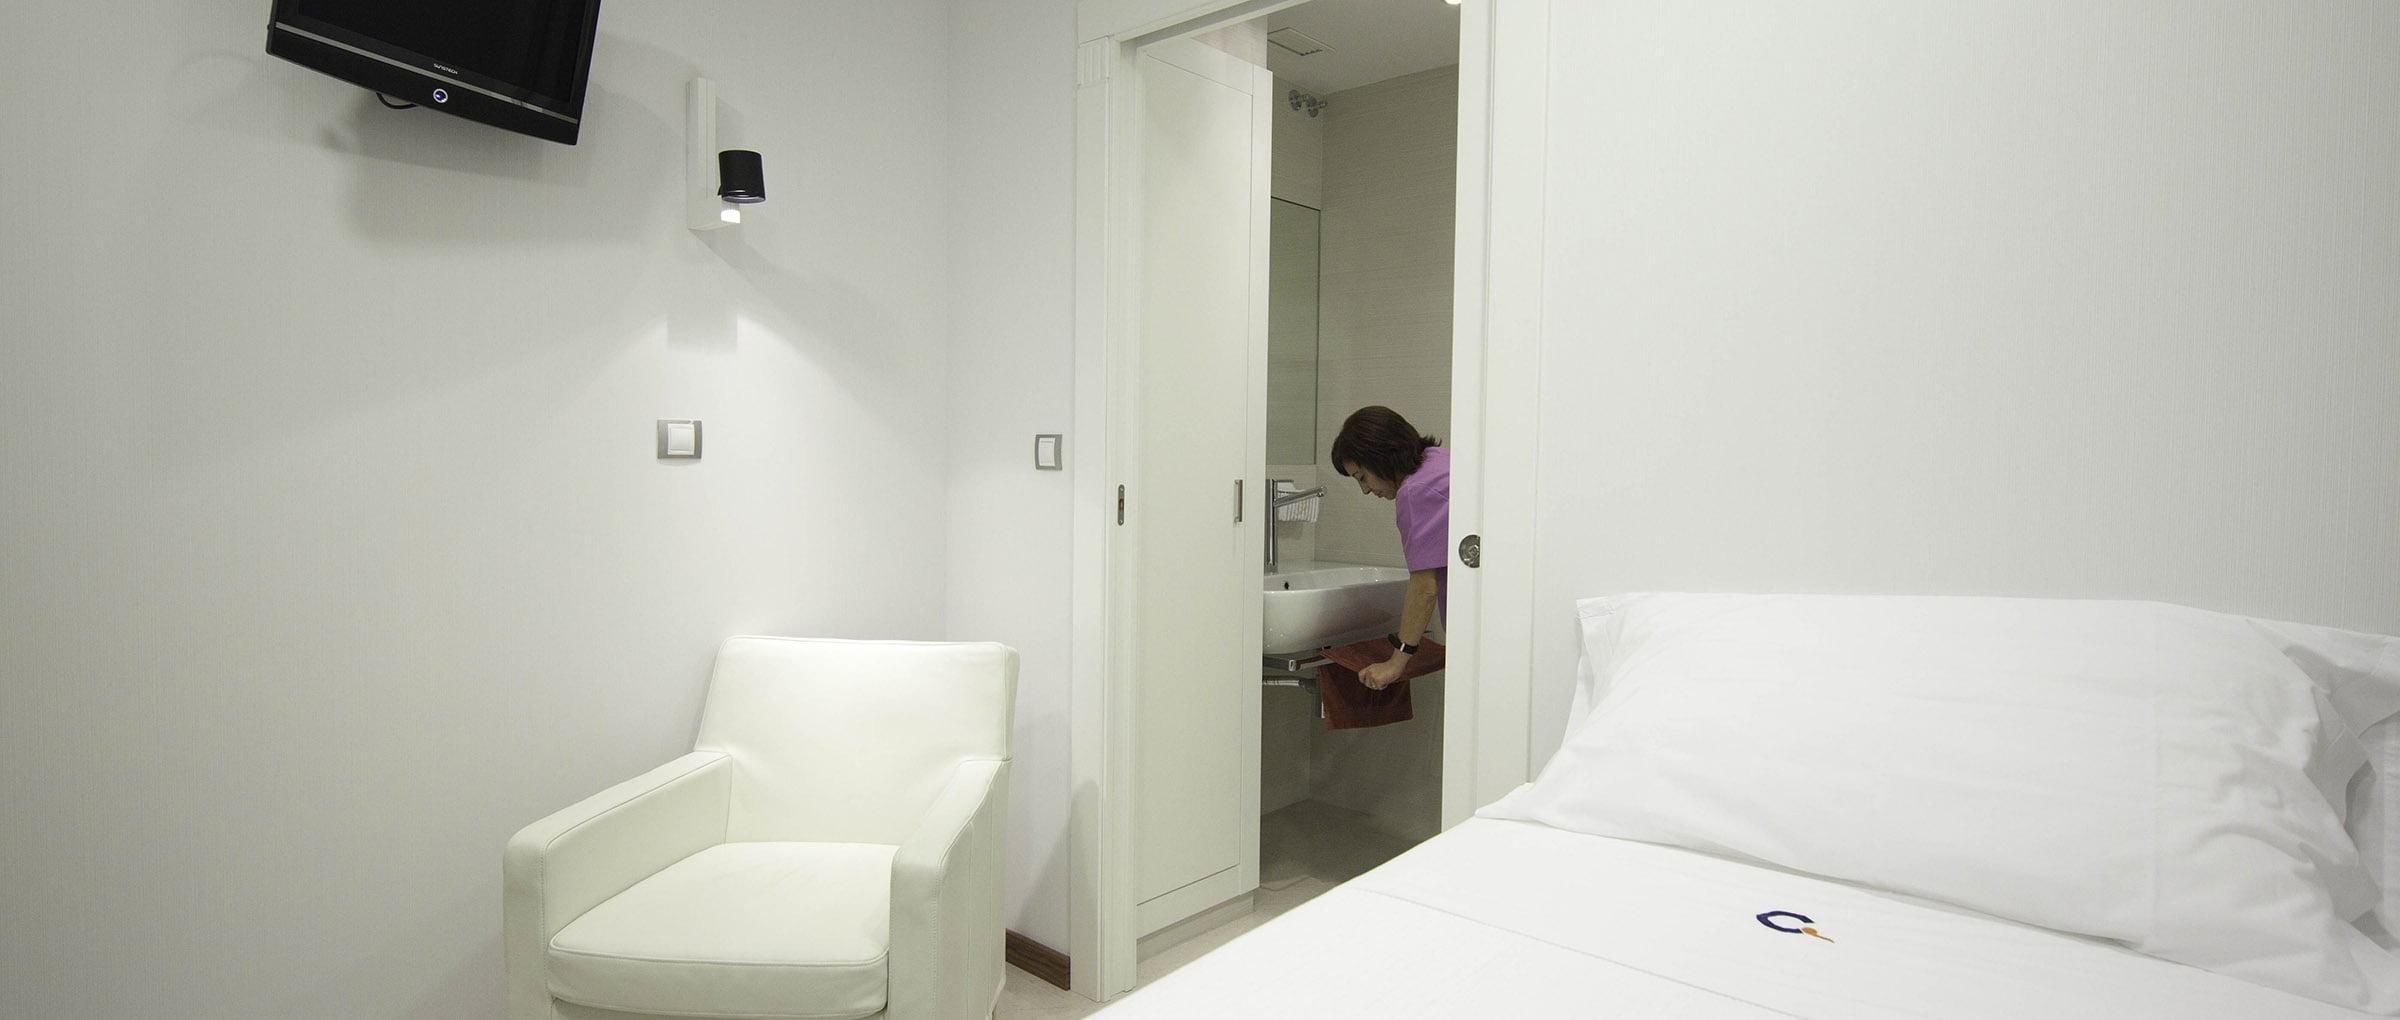 Clínica Crea habitaciones